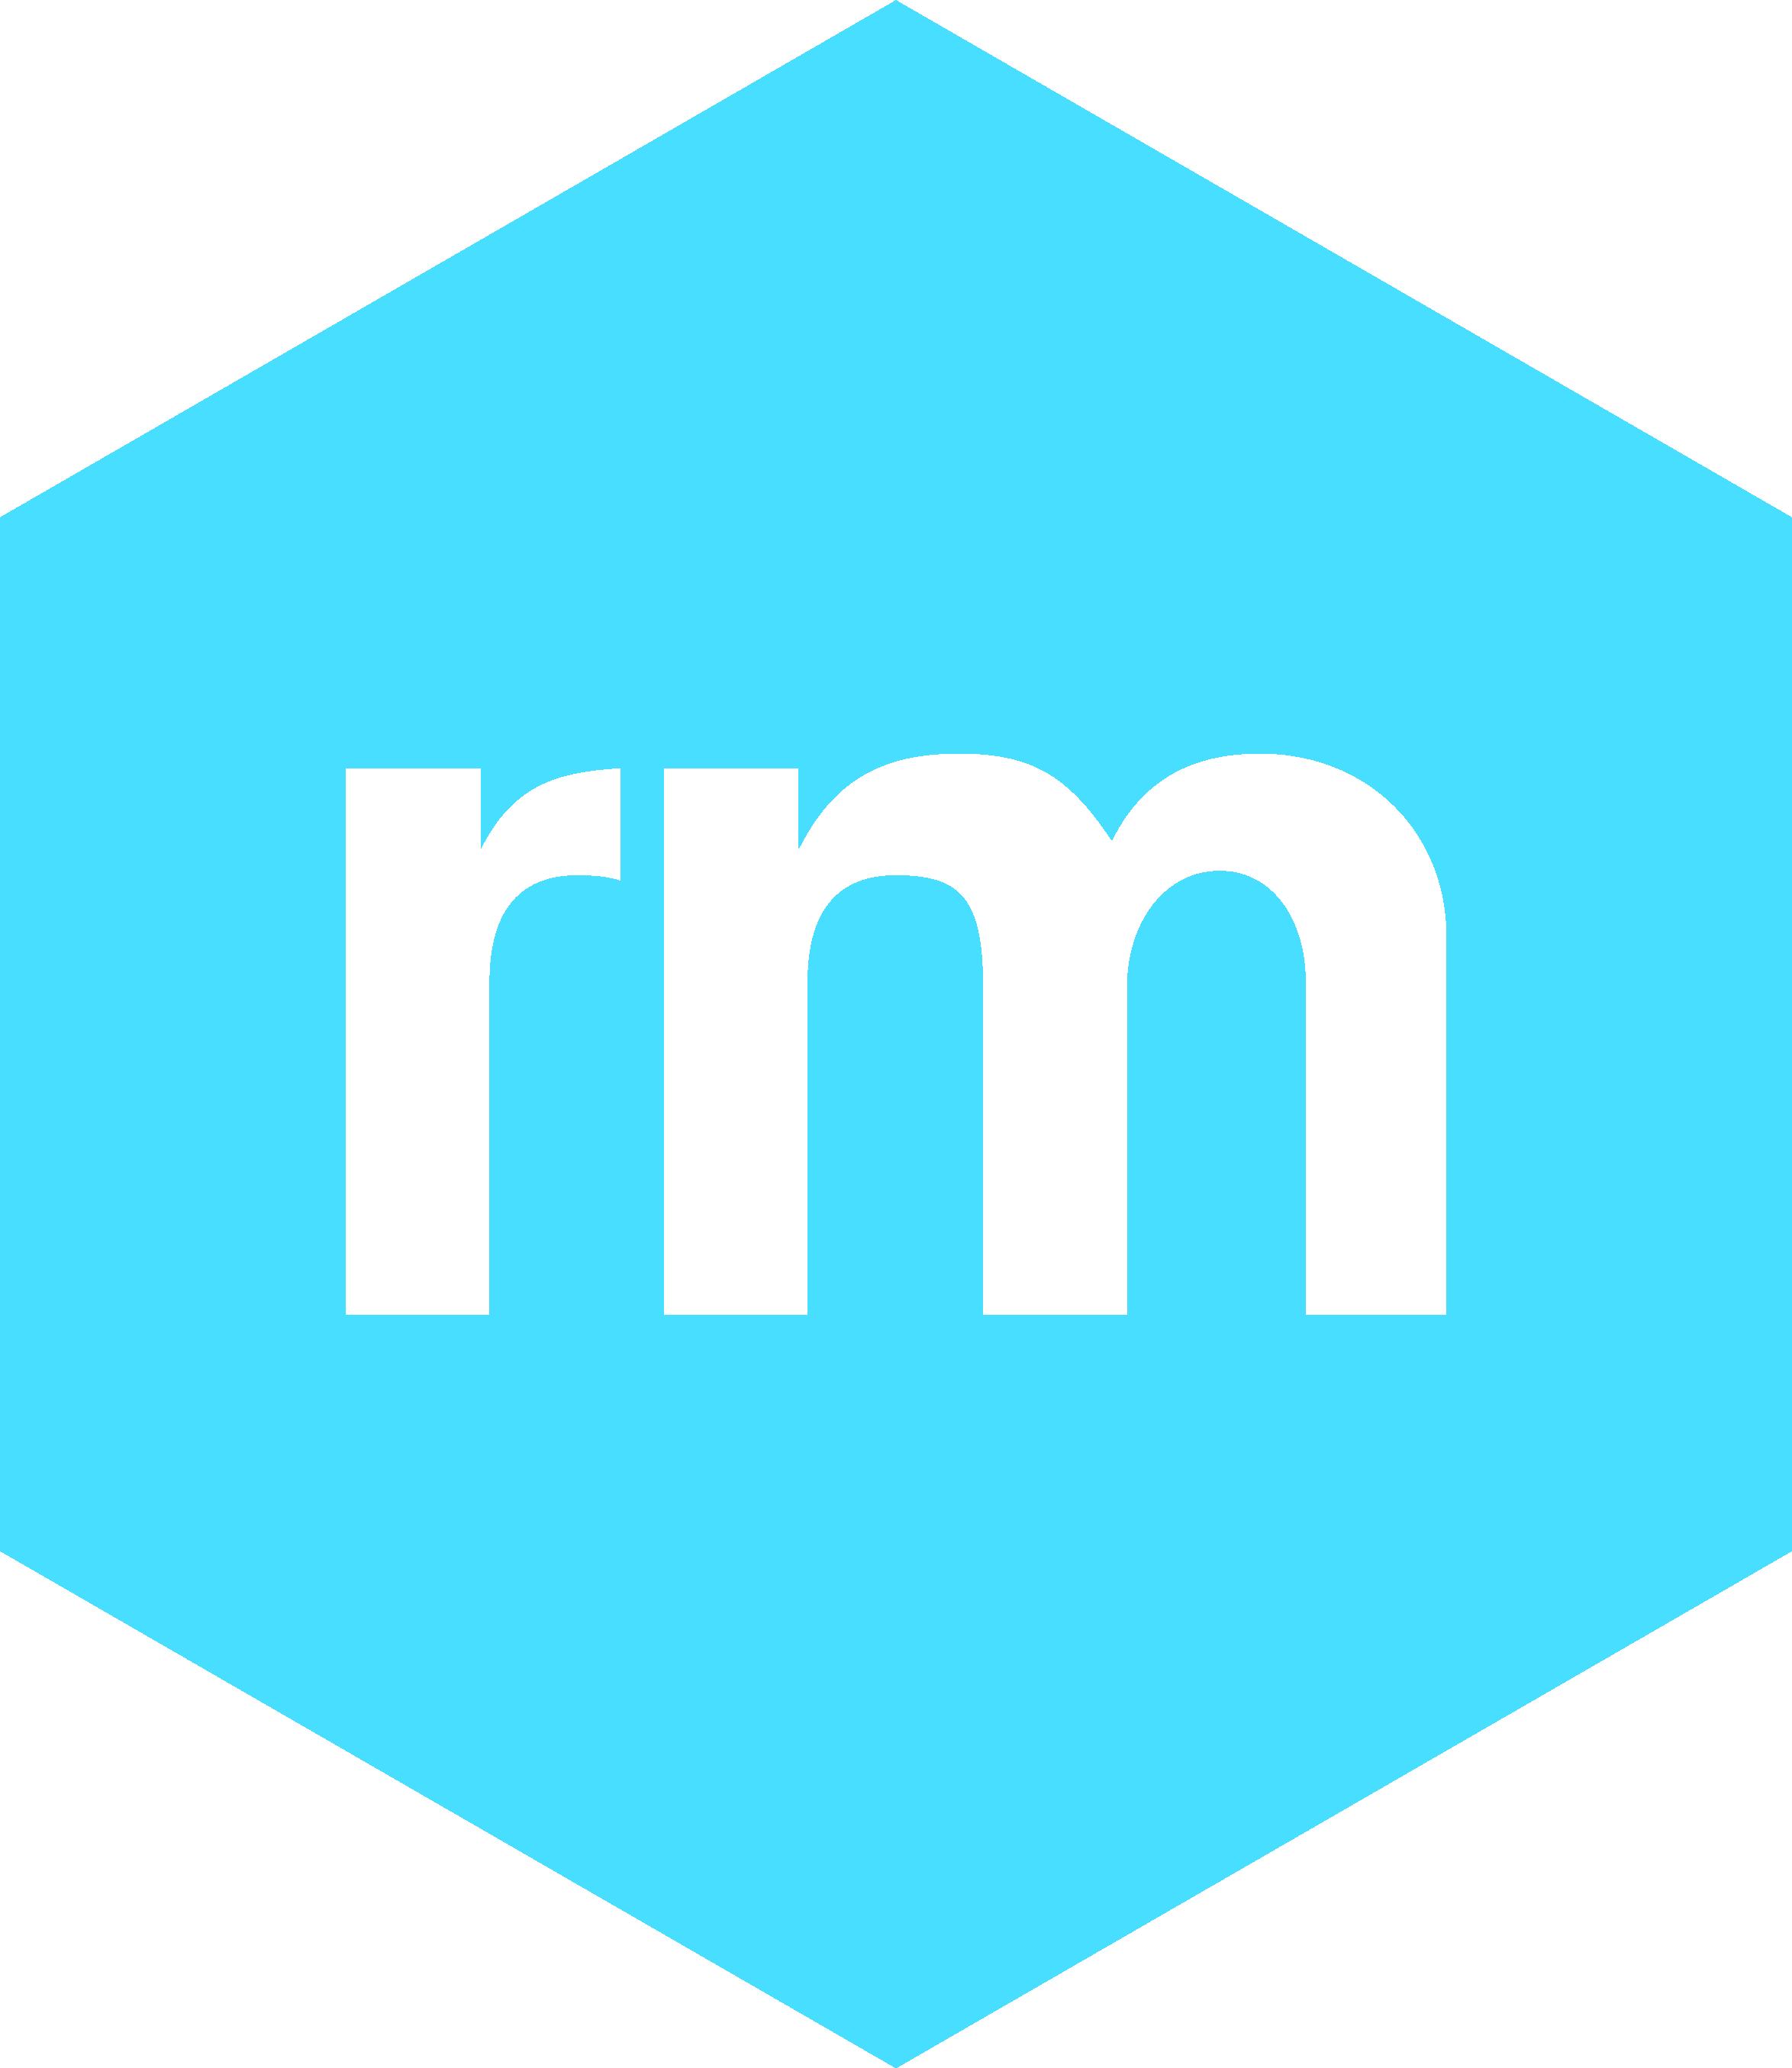 ryanmcginnisdesign